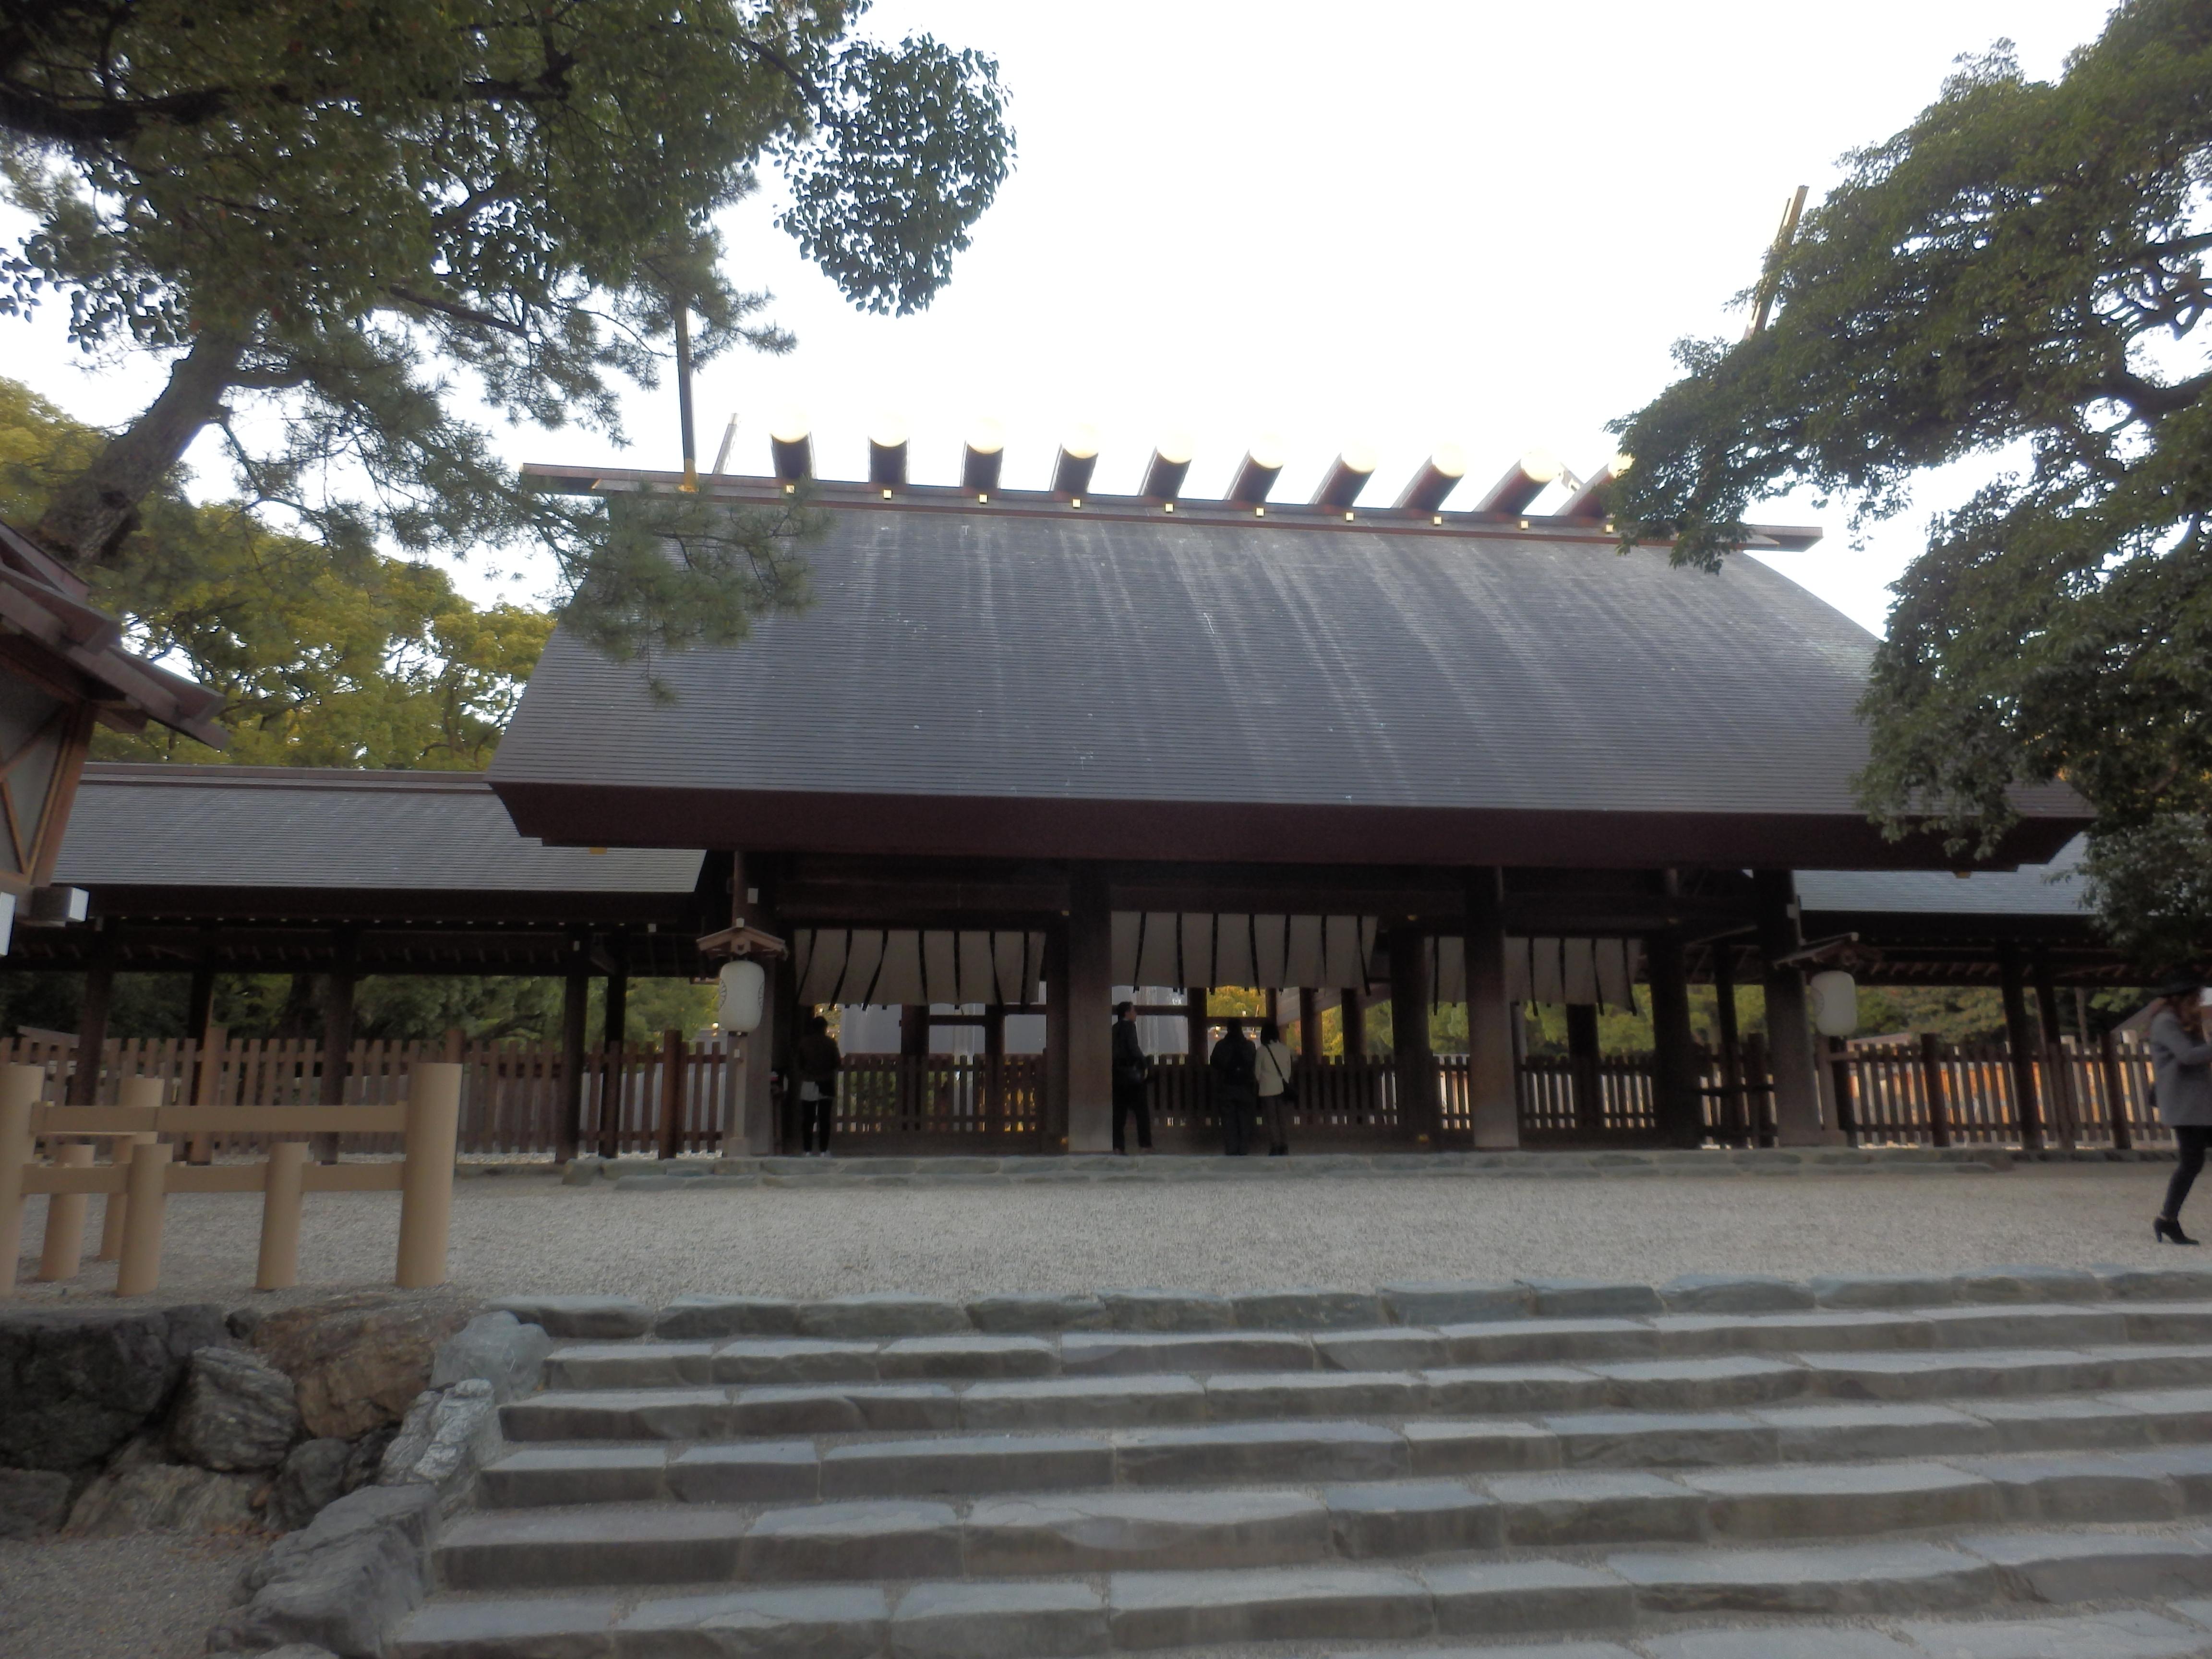 【名古屋】熱田神宮にお参りして、きしめんと蓬莱軒のひつまぶし!